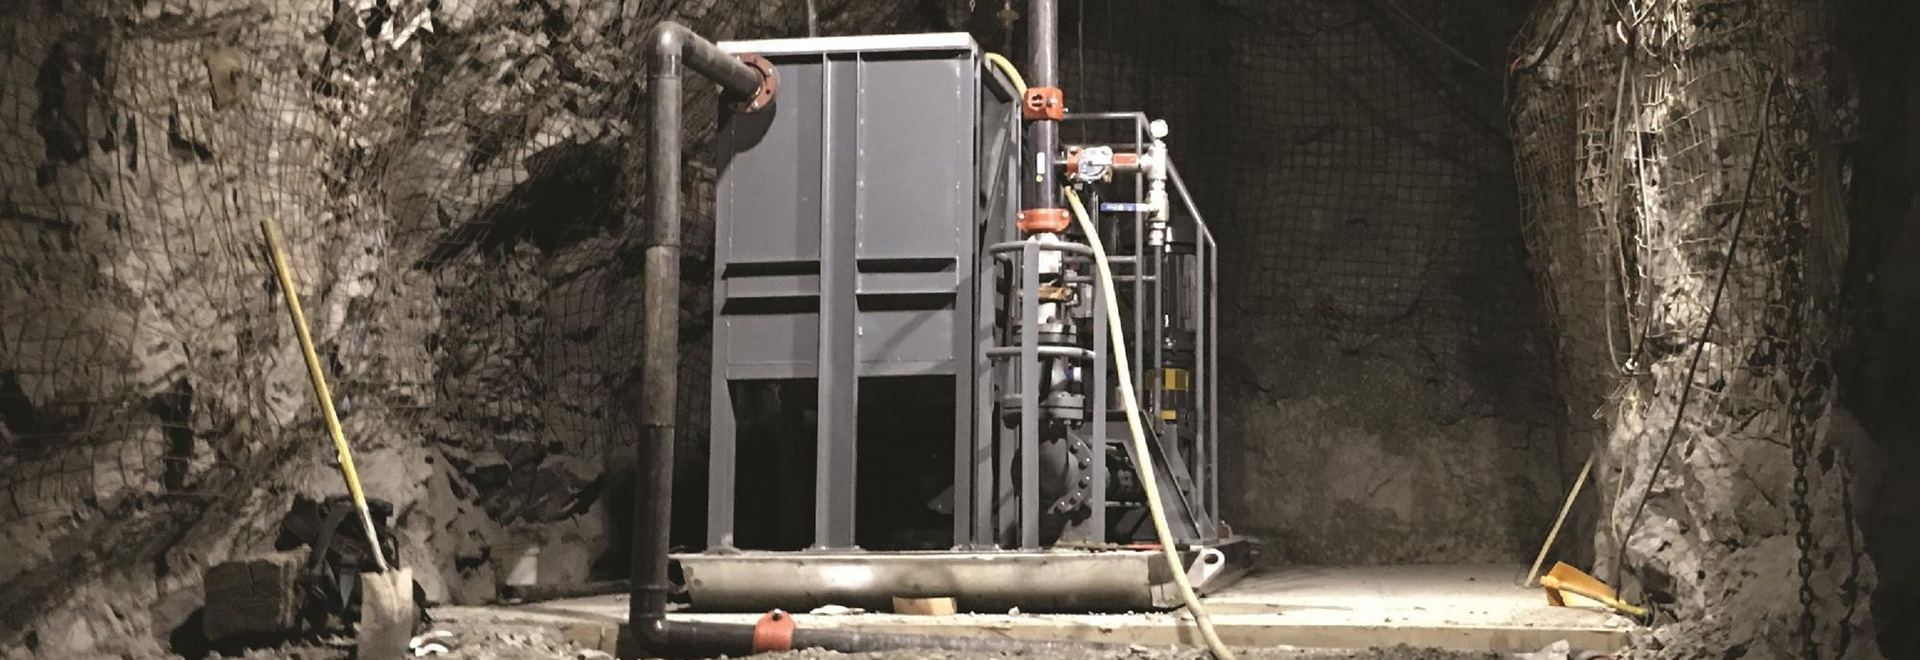 NETZSCH pour accentuer les pompes de asséchage de mine et les dérapages de pompe à PME 2019